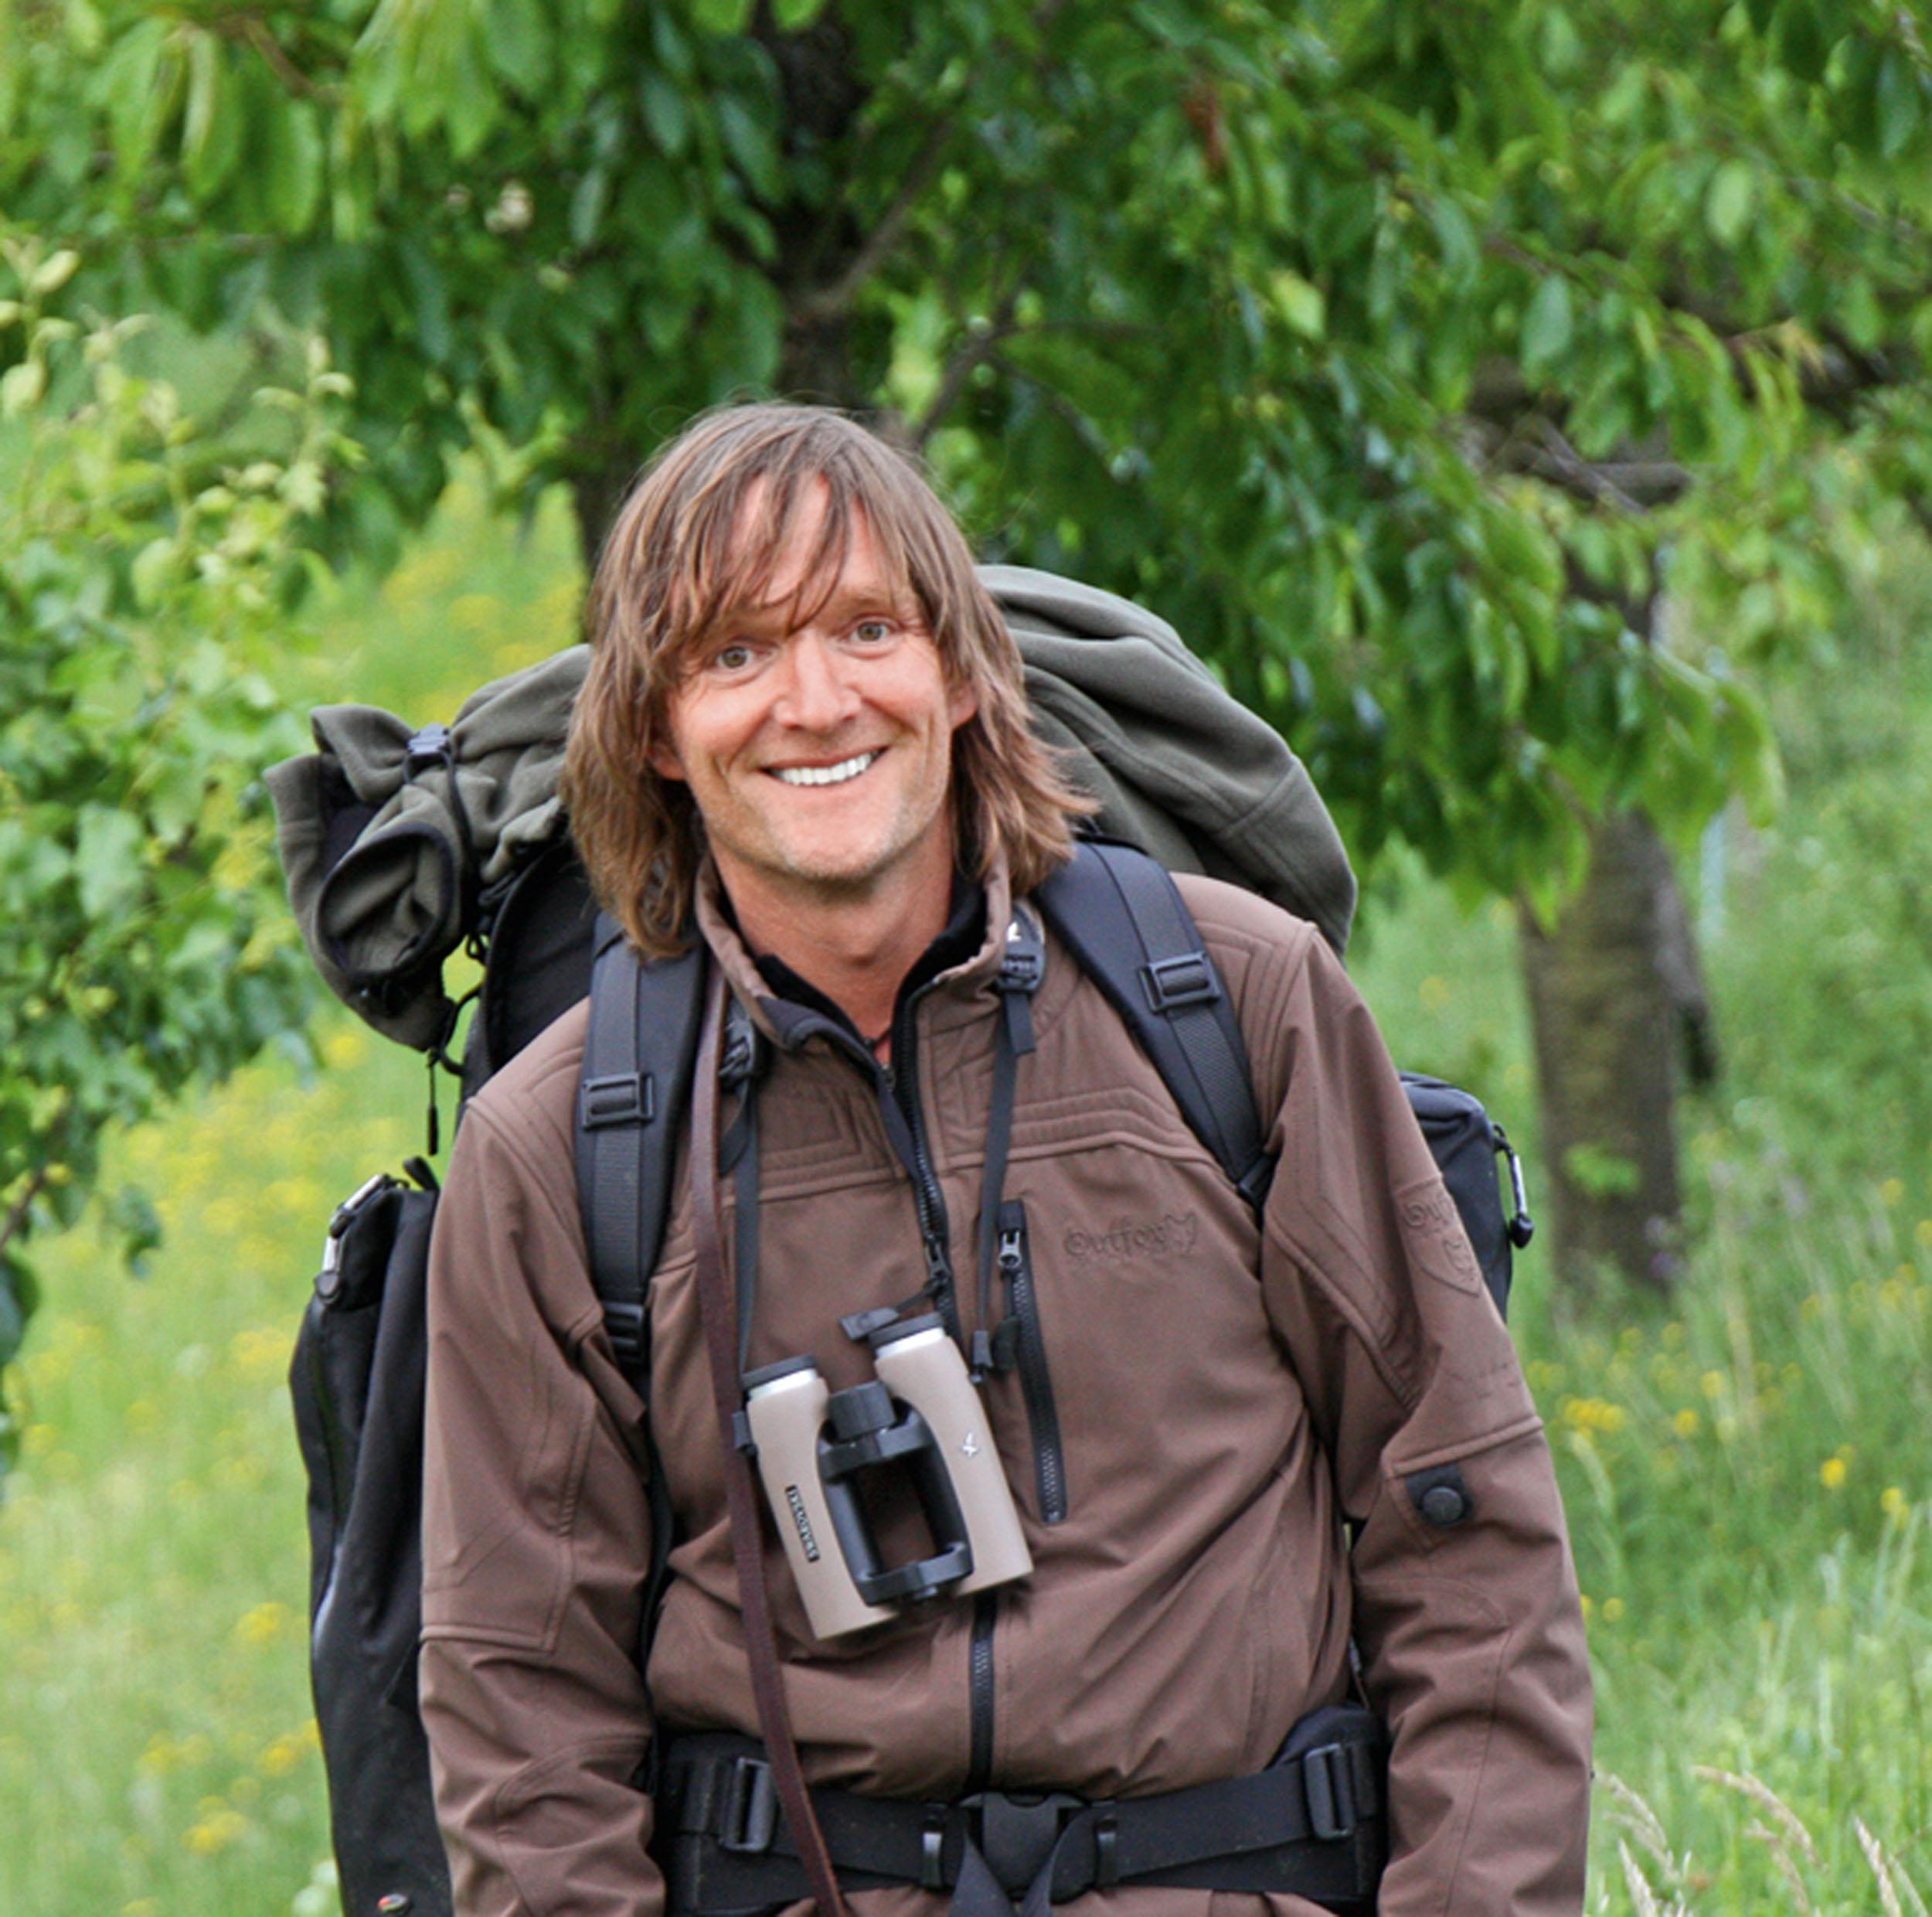 Andreas Kieling wurde am 4. November 1959 in Gotha/ Thüringen geboren und ist ausgebildeter Berufsjäger, Revierförster und Deutschlands bekanntester Tierfilmer. Er erhielt für den ARD-Dreiteiler »Abenteuer Erde – Yukon River« den »Wildscreen Panda Award«, den Oscar des Tierfilms. Kieling durchquerte Grönland zu Fuß, fuhr mit dem Mountainbike durch den Himalaya, arbeitete als Seemann und Förster. Seit 1990 bereist er als Dokumentarfilmer und Naturfotograf die Welt. Stets begleitet wird Kieling von seinem fünfjährigen Hannoverschen Schweißhund Cleo. © Piper-Verlag